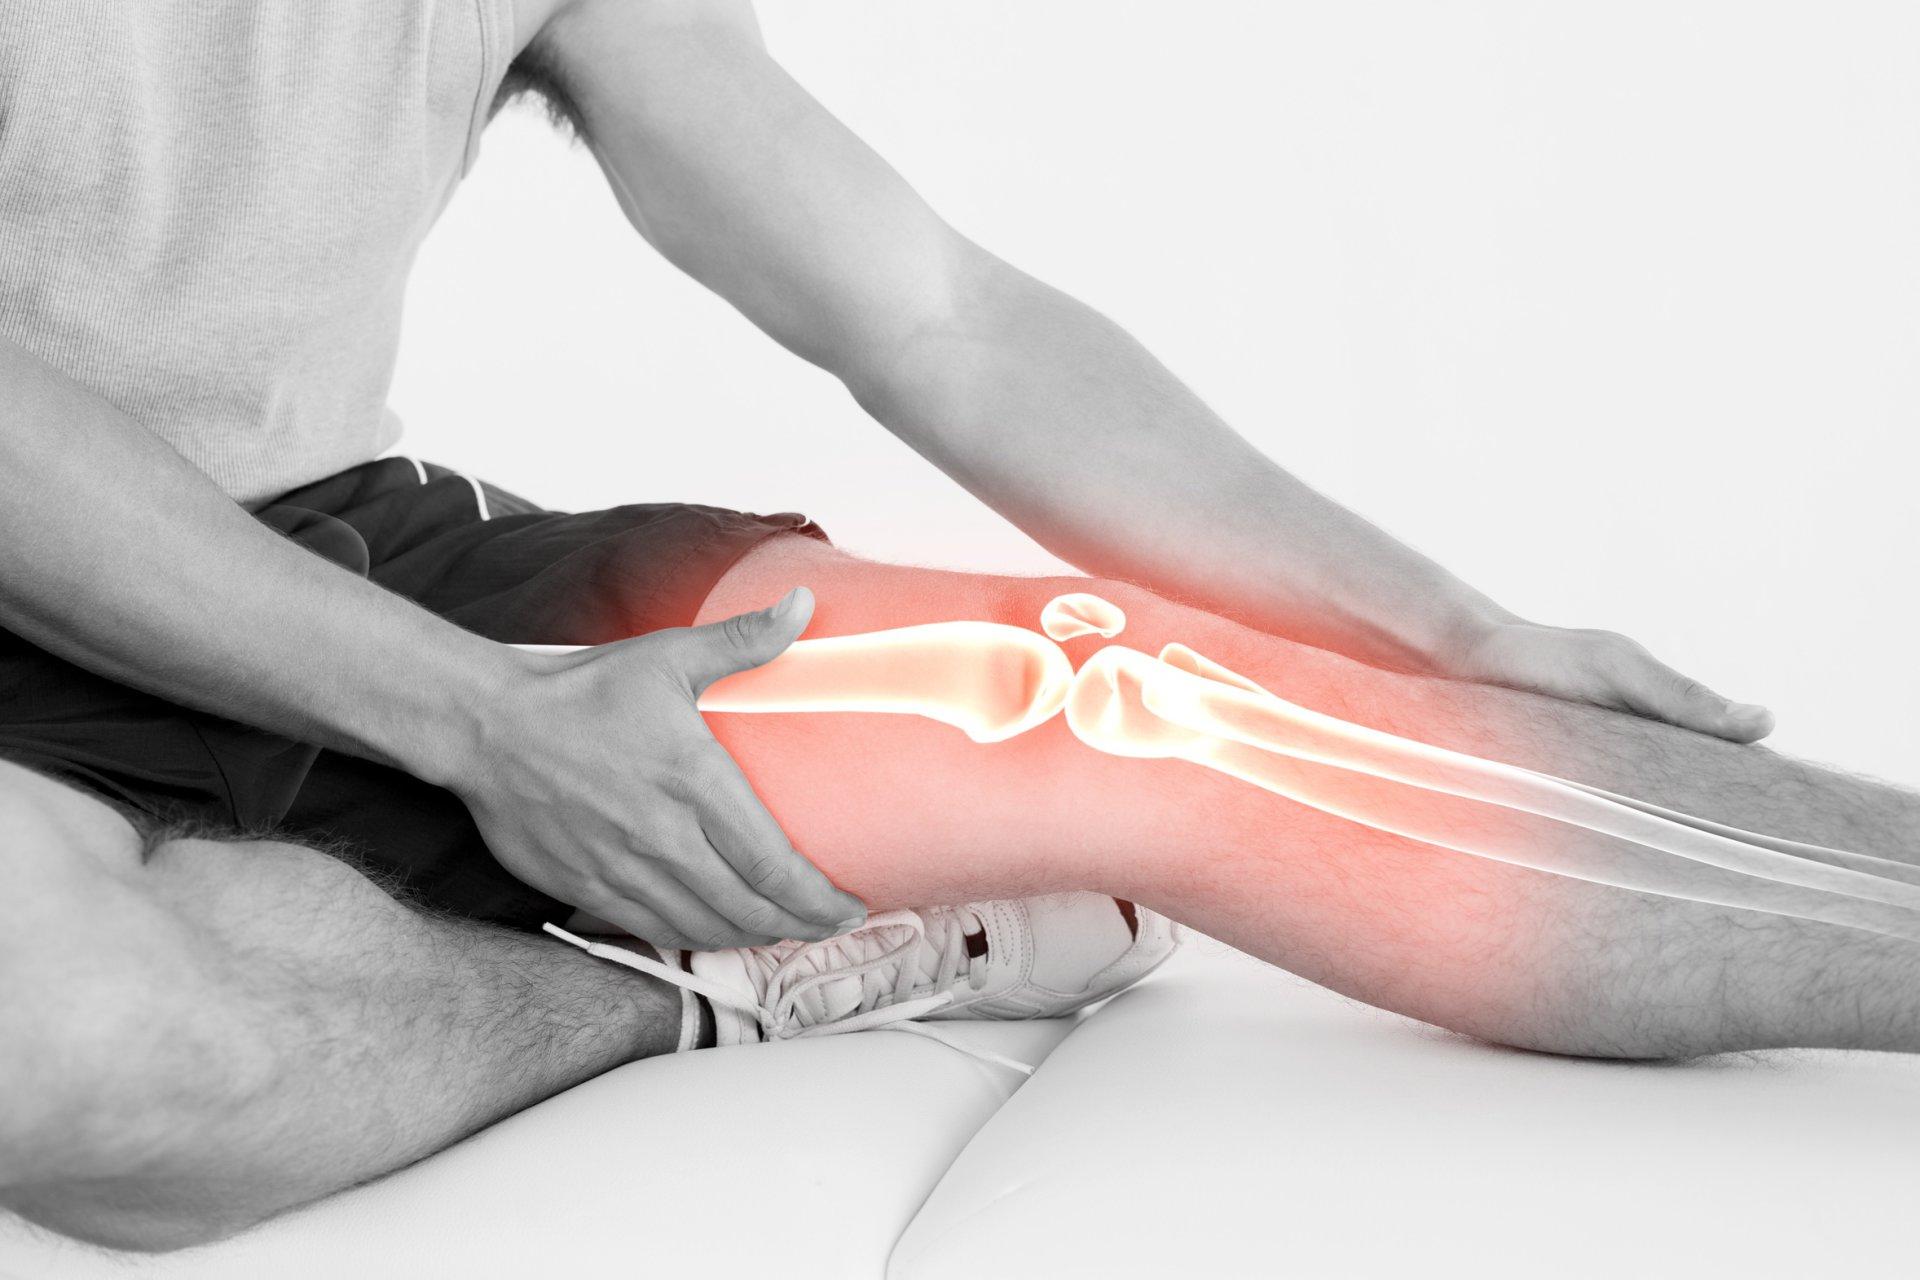 liaudies gynimo priemonės artrozė žandikaulių gydymo